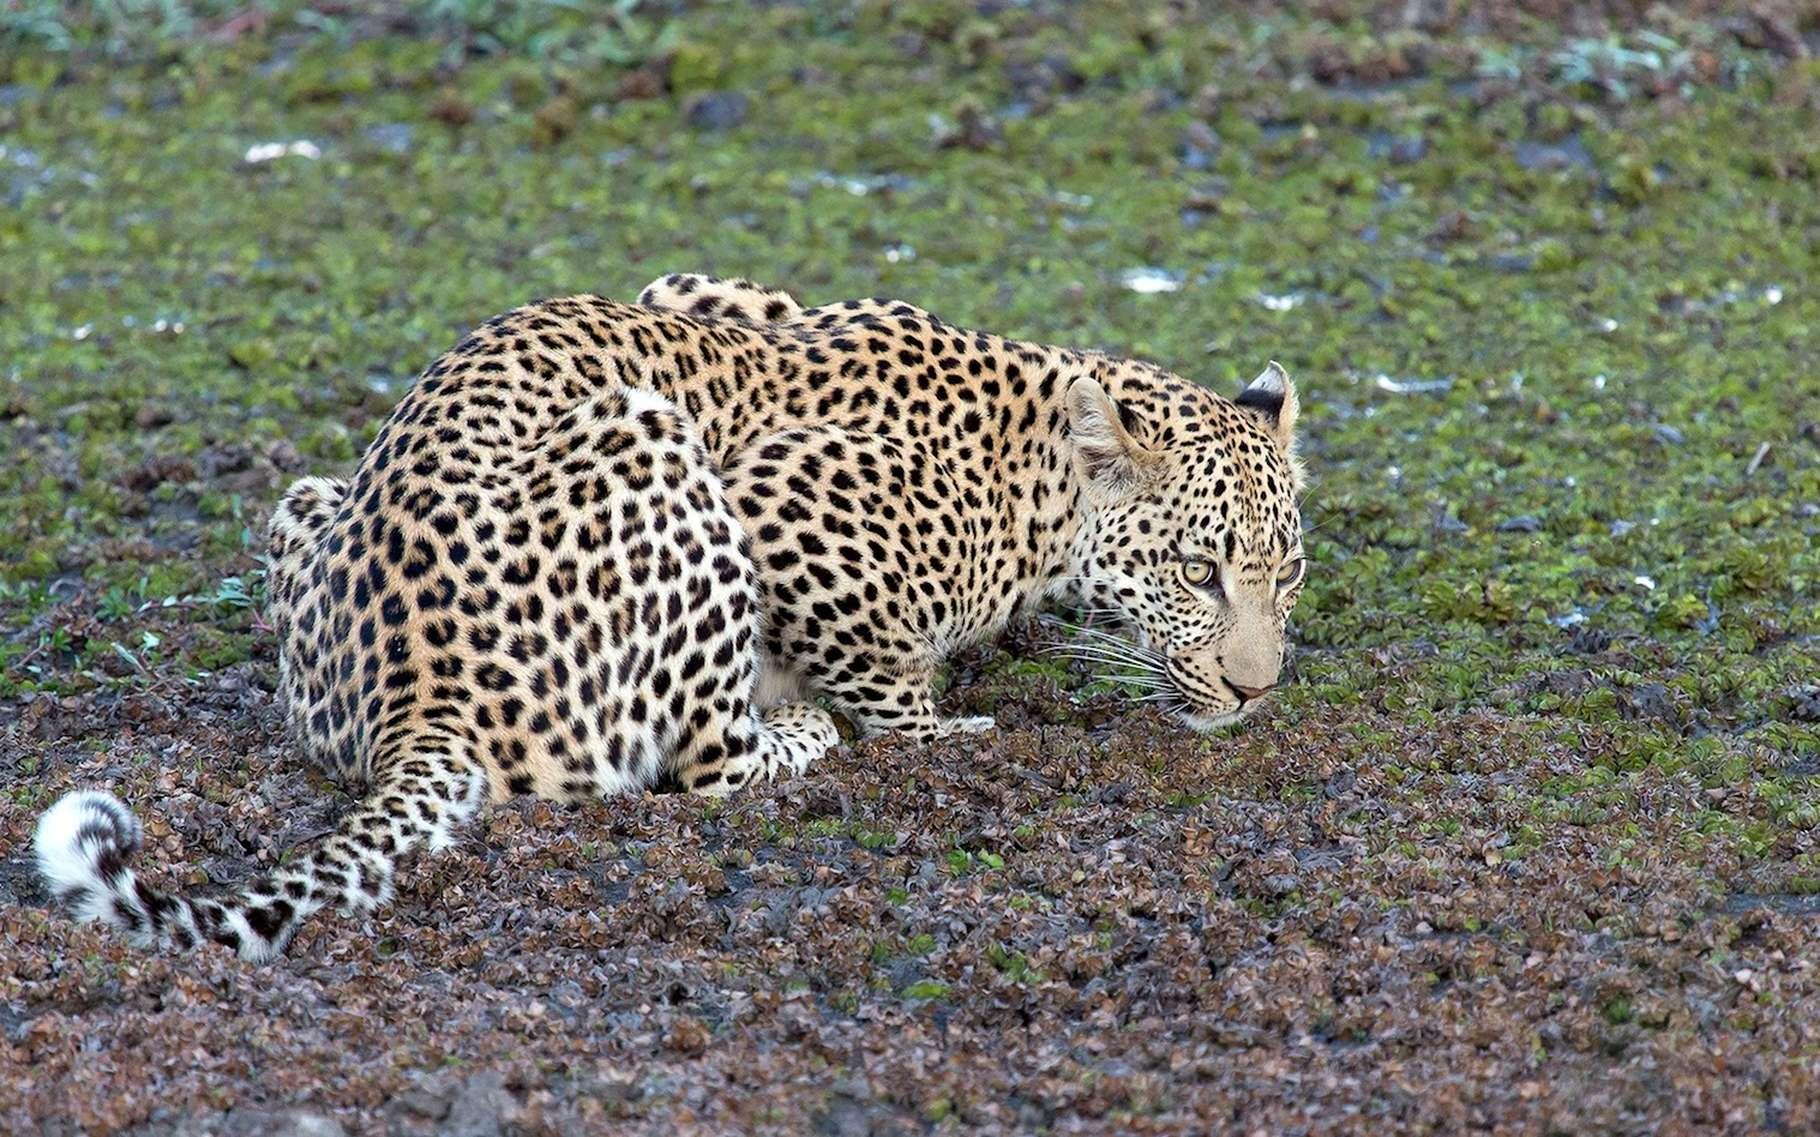 Si leur pelage peut amener à les confondre, léopard, guépard et jaguar sont assez facilement différenciables. Ici, un léopard. © Freizeithald, Pixabay, DP